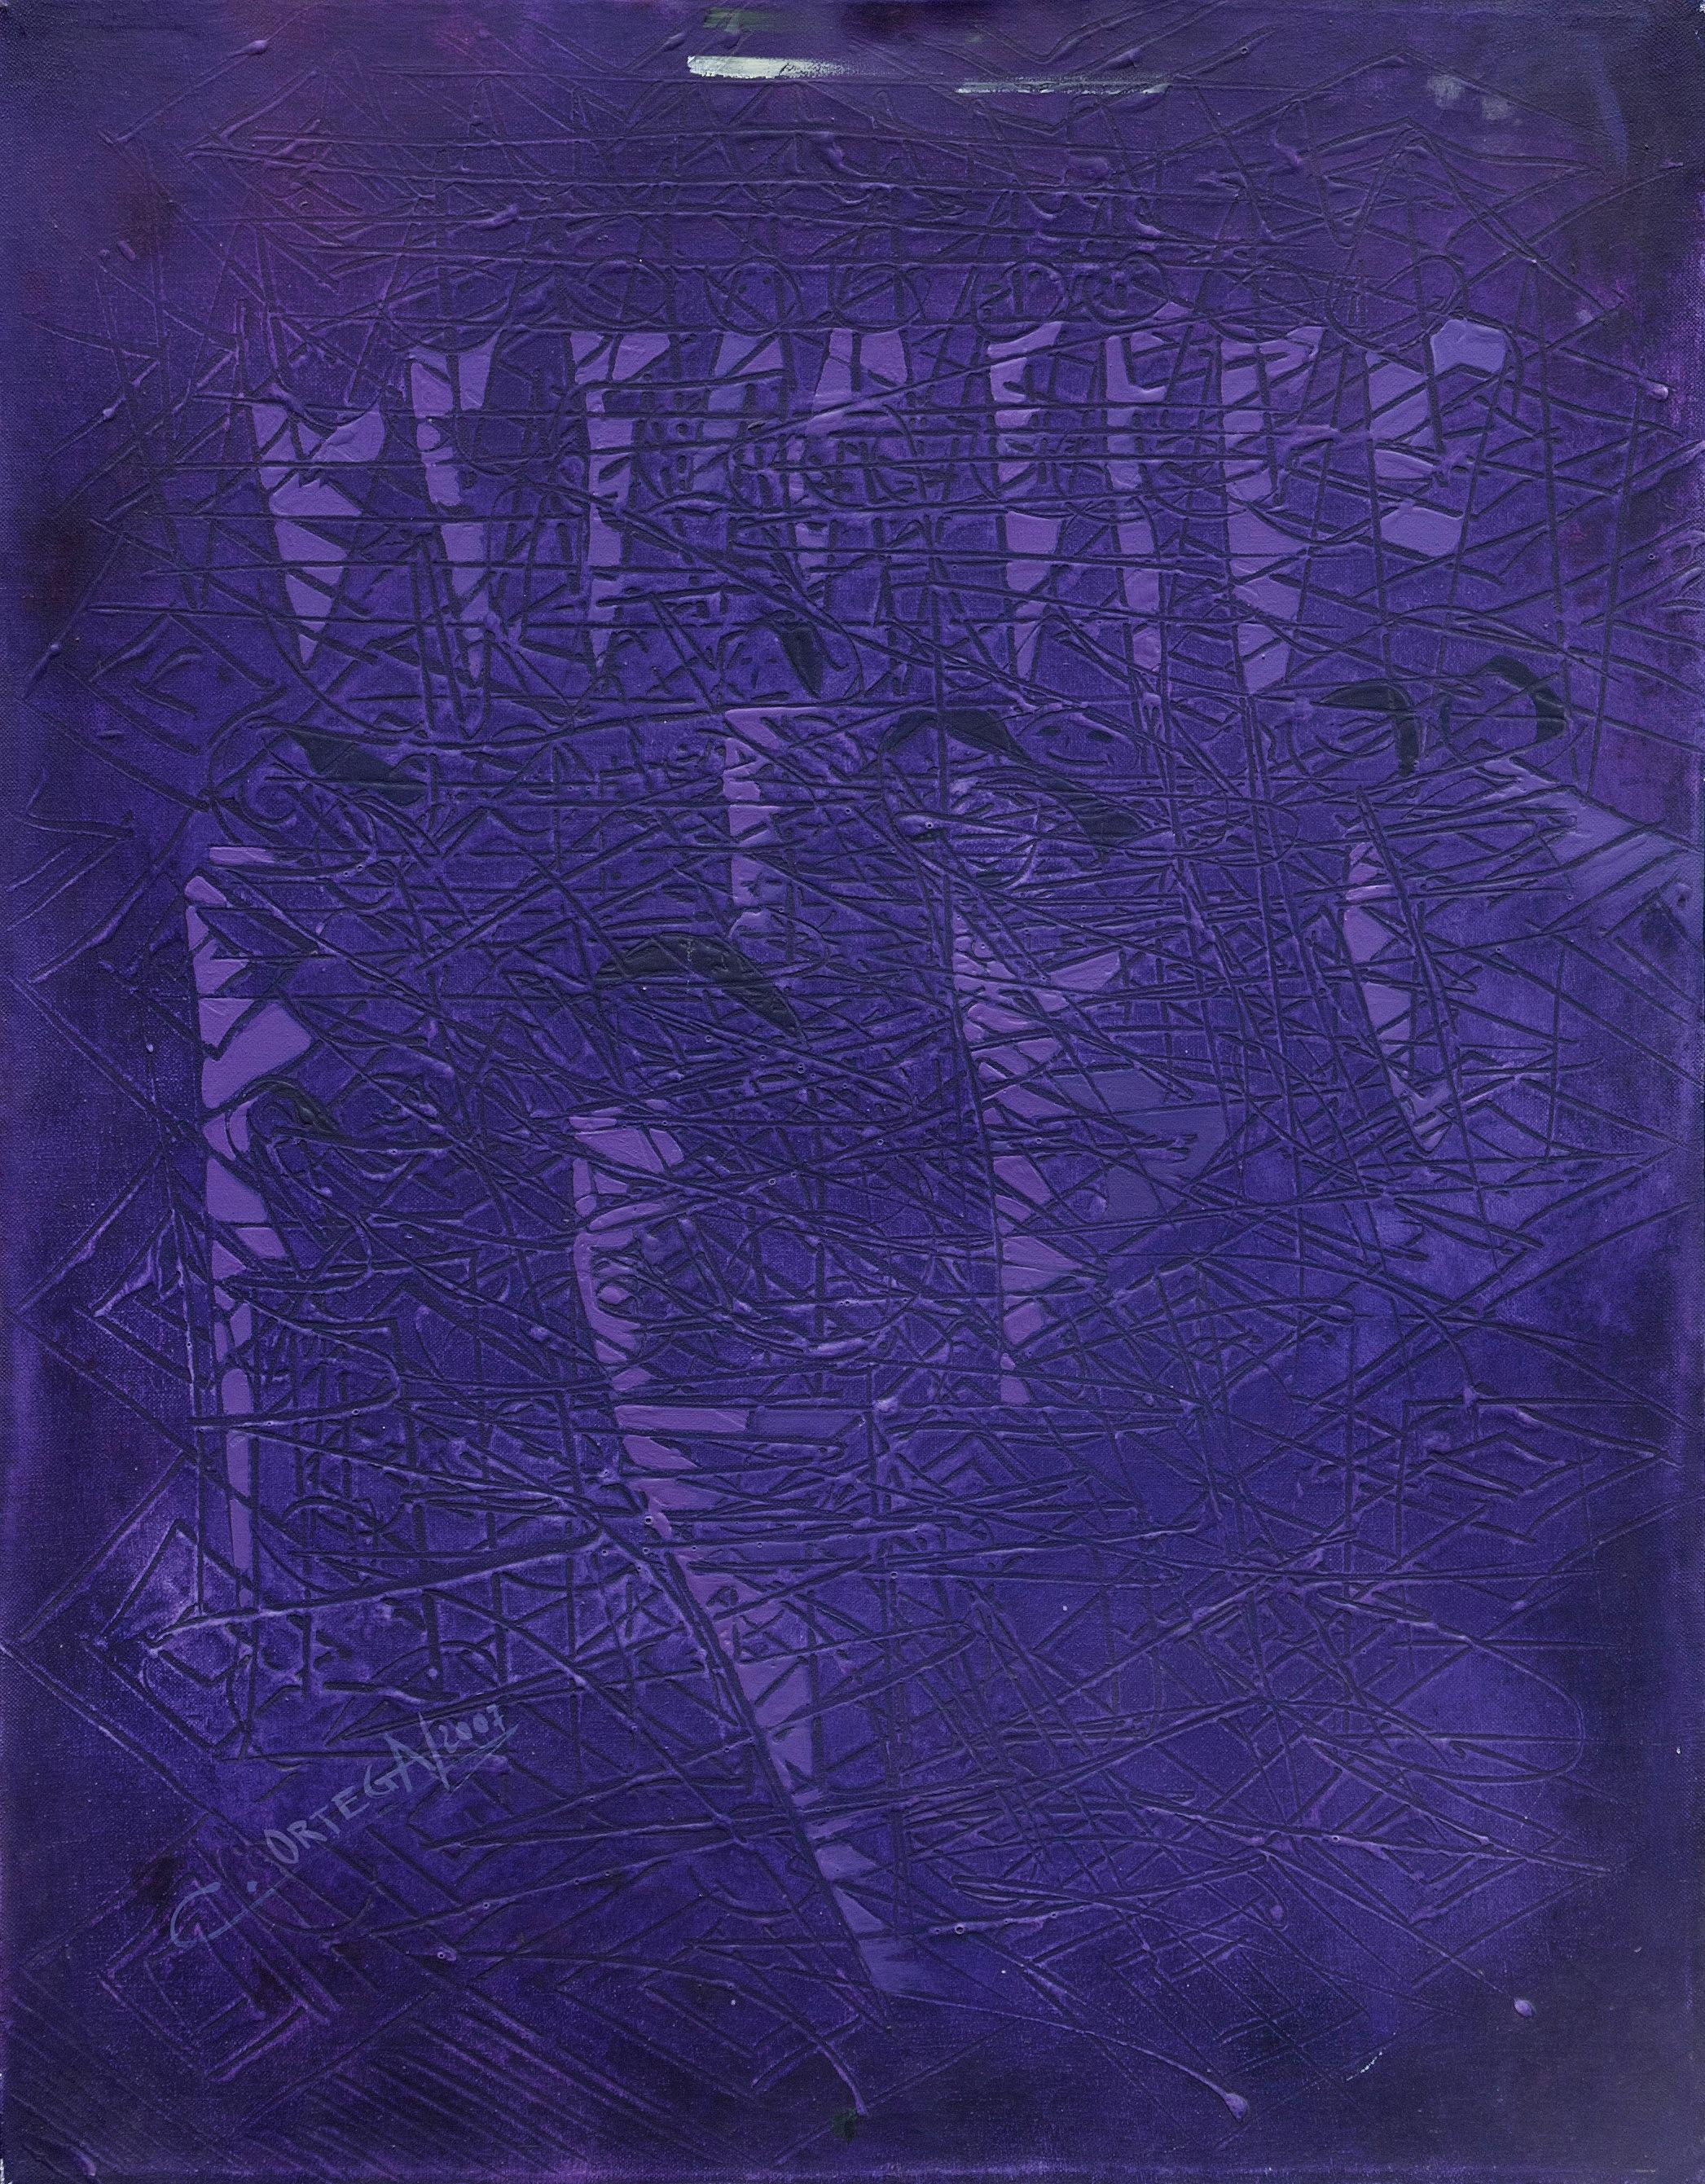 Fotos gratis : púrpura, Violeta, magenta, forma, azul cobalto, azul ...